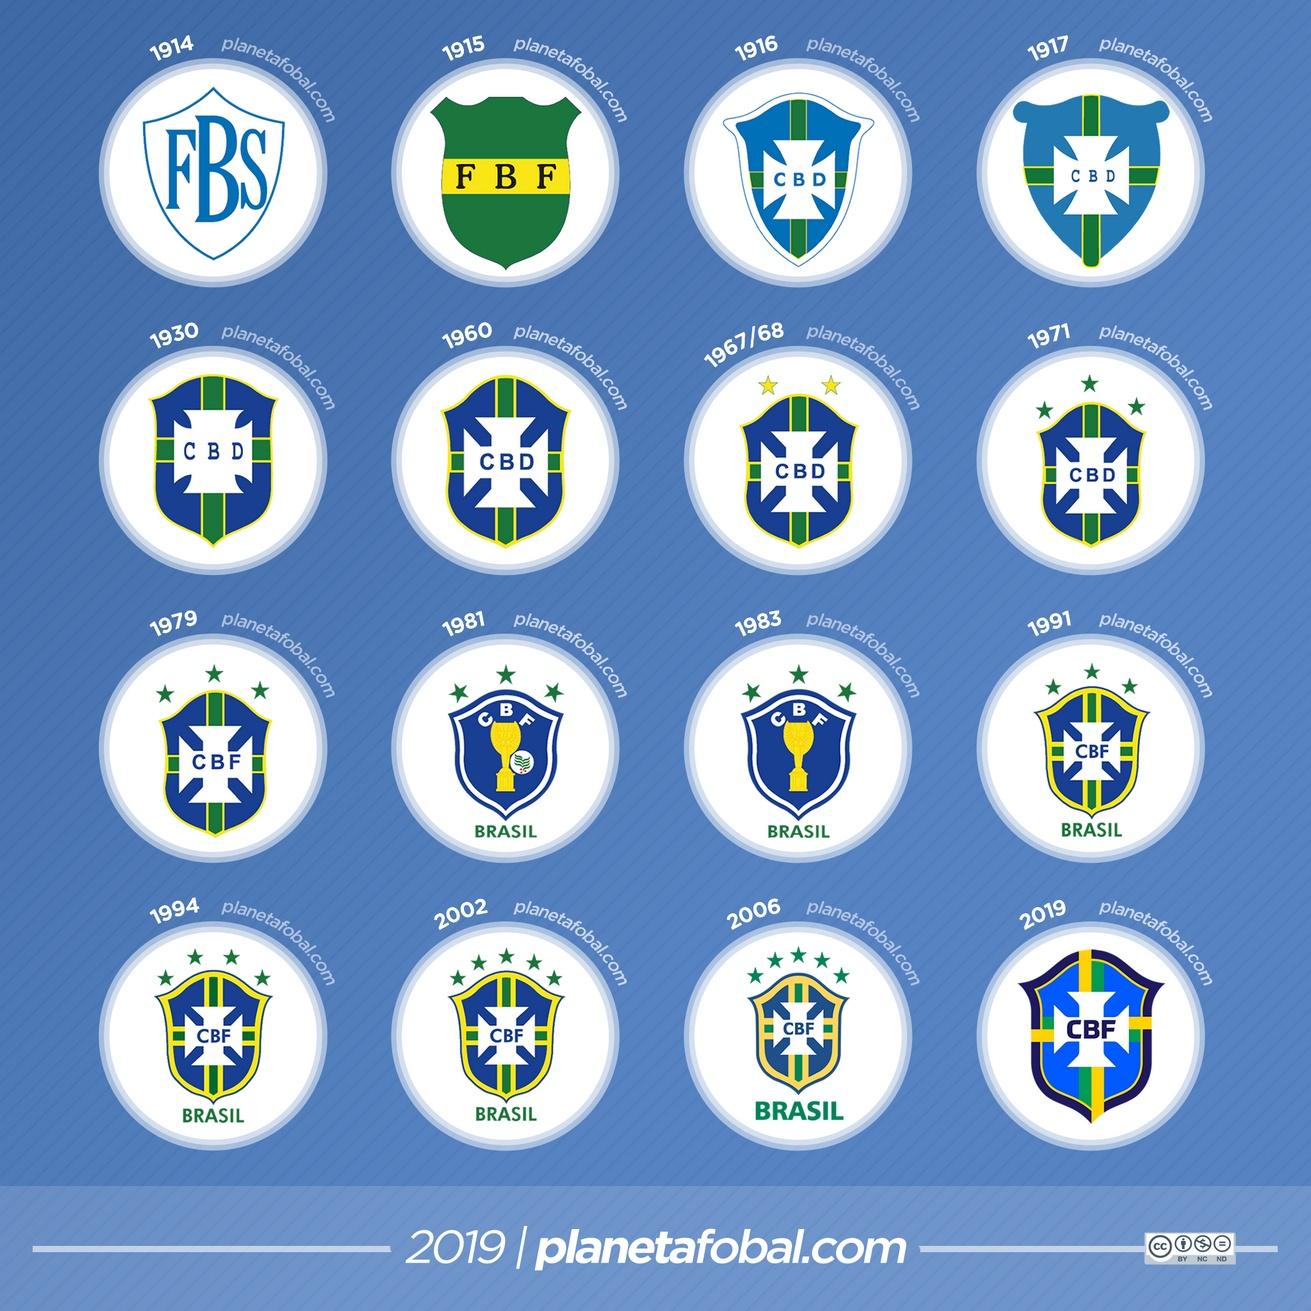 Evolución del logo de la Confederación Brasileña de Fútbol | @planetafobal